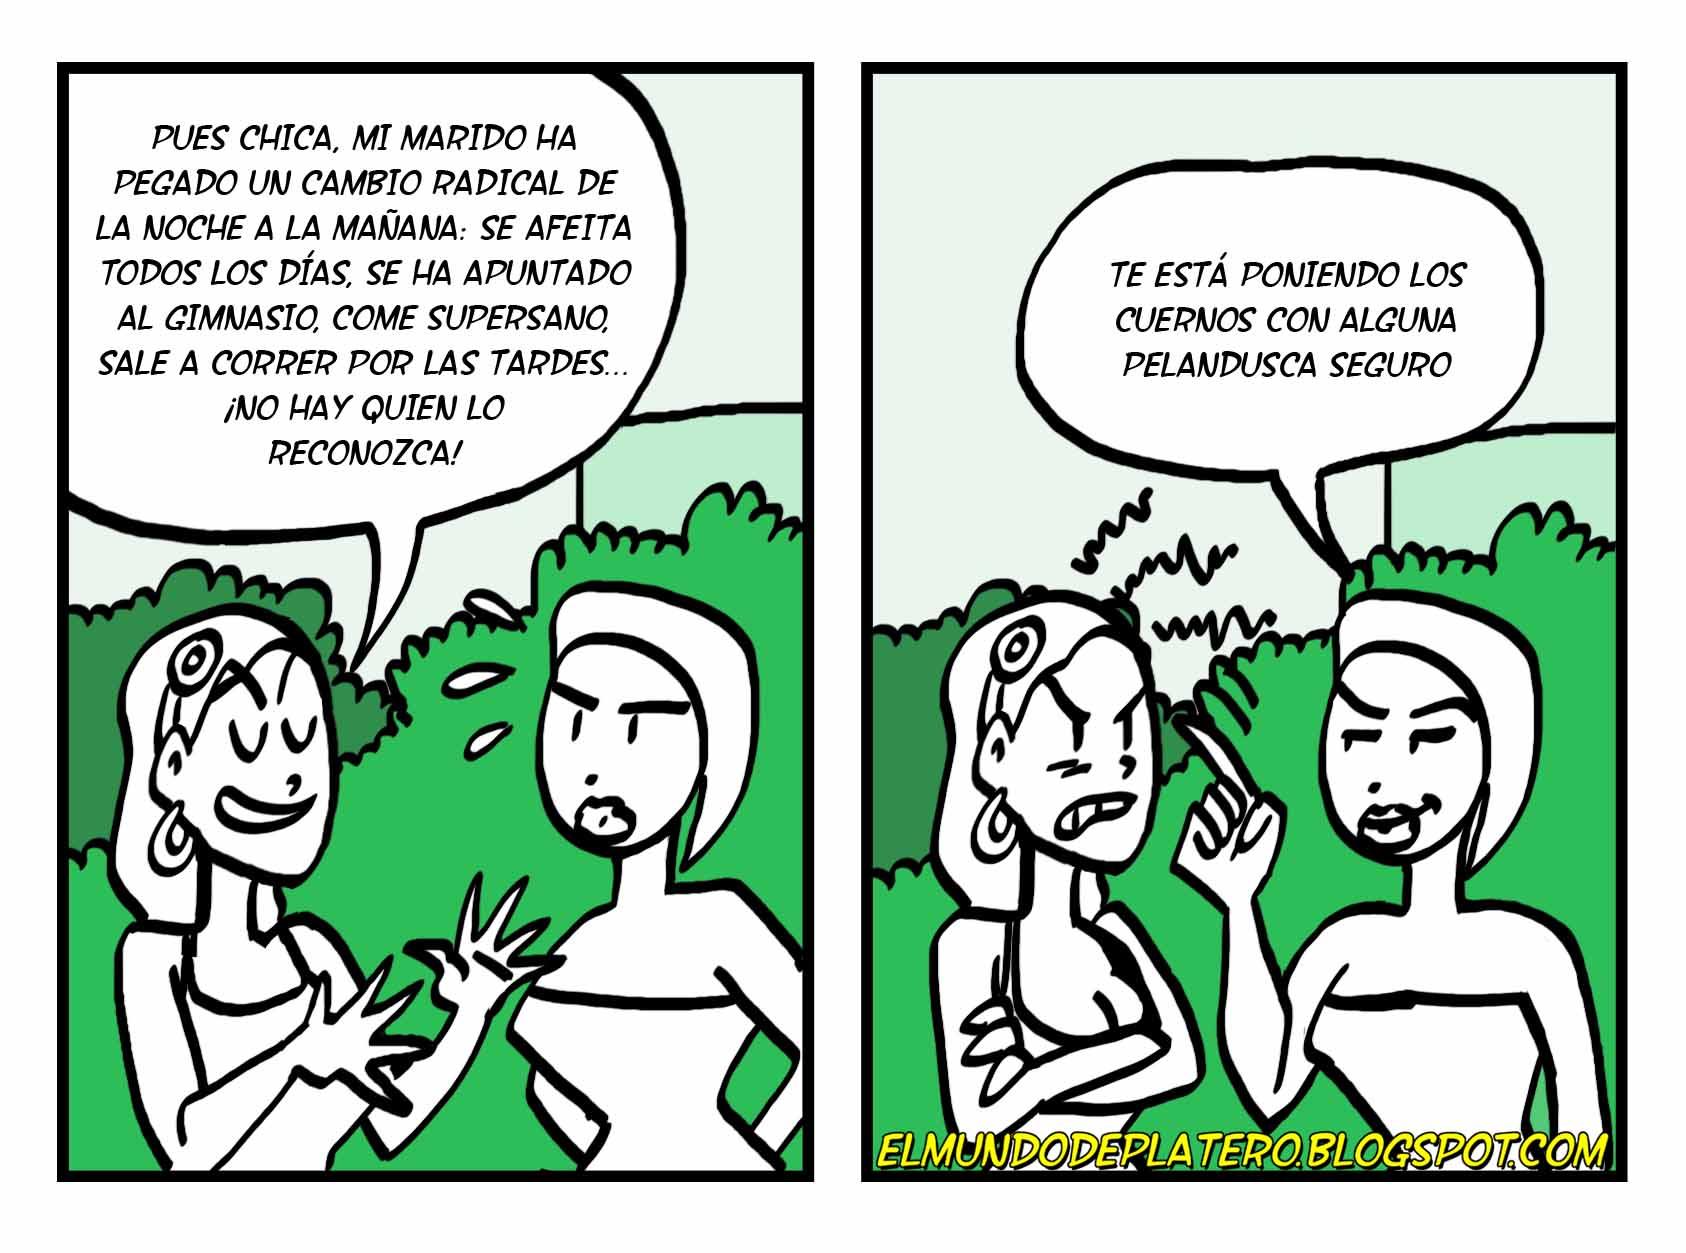 INFIEL__amigas_consejos_marido_mujer_josé_luis_platero_elmundodeplatero_humor